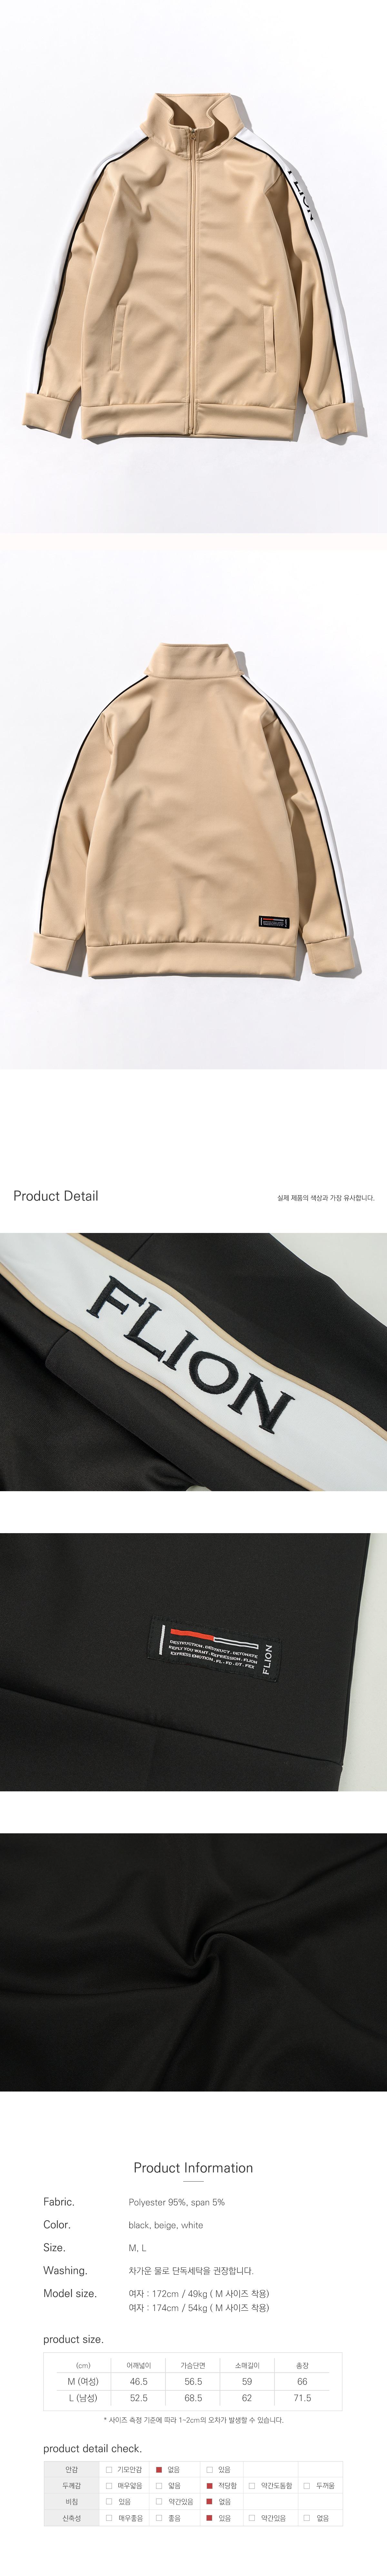 플리온(FLION) 더블 라이닝 트랙 탑 - 베이지